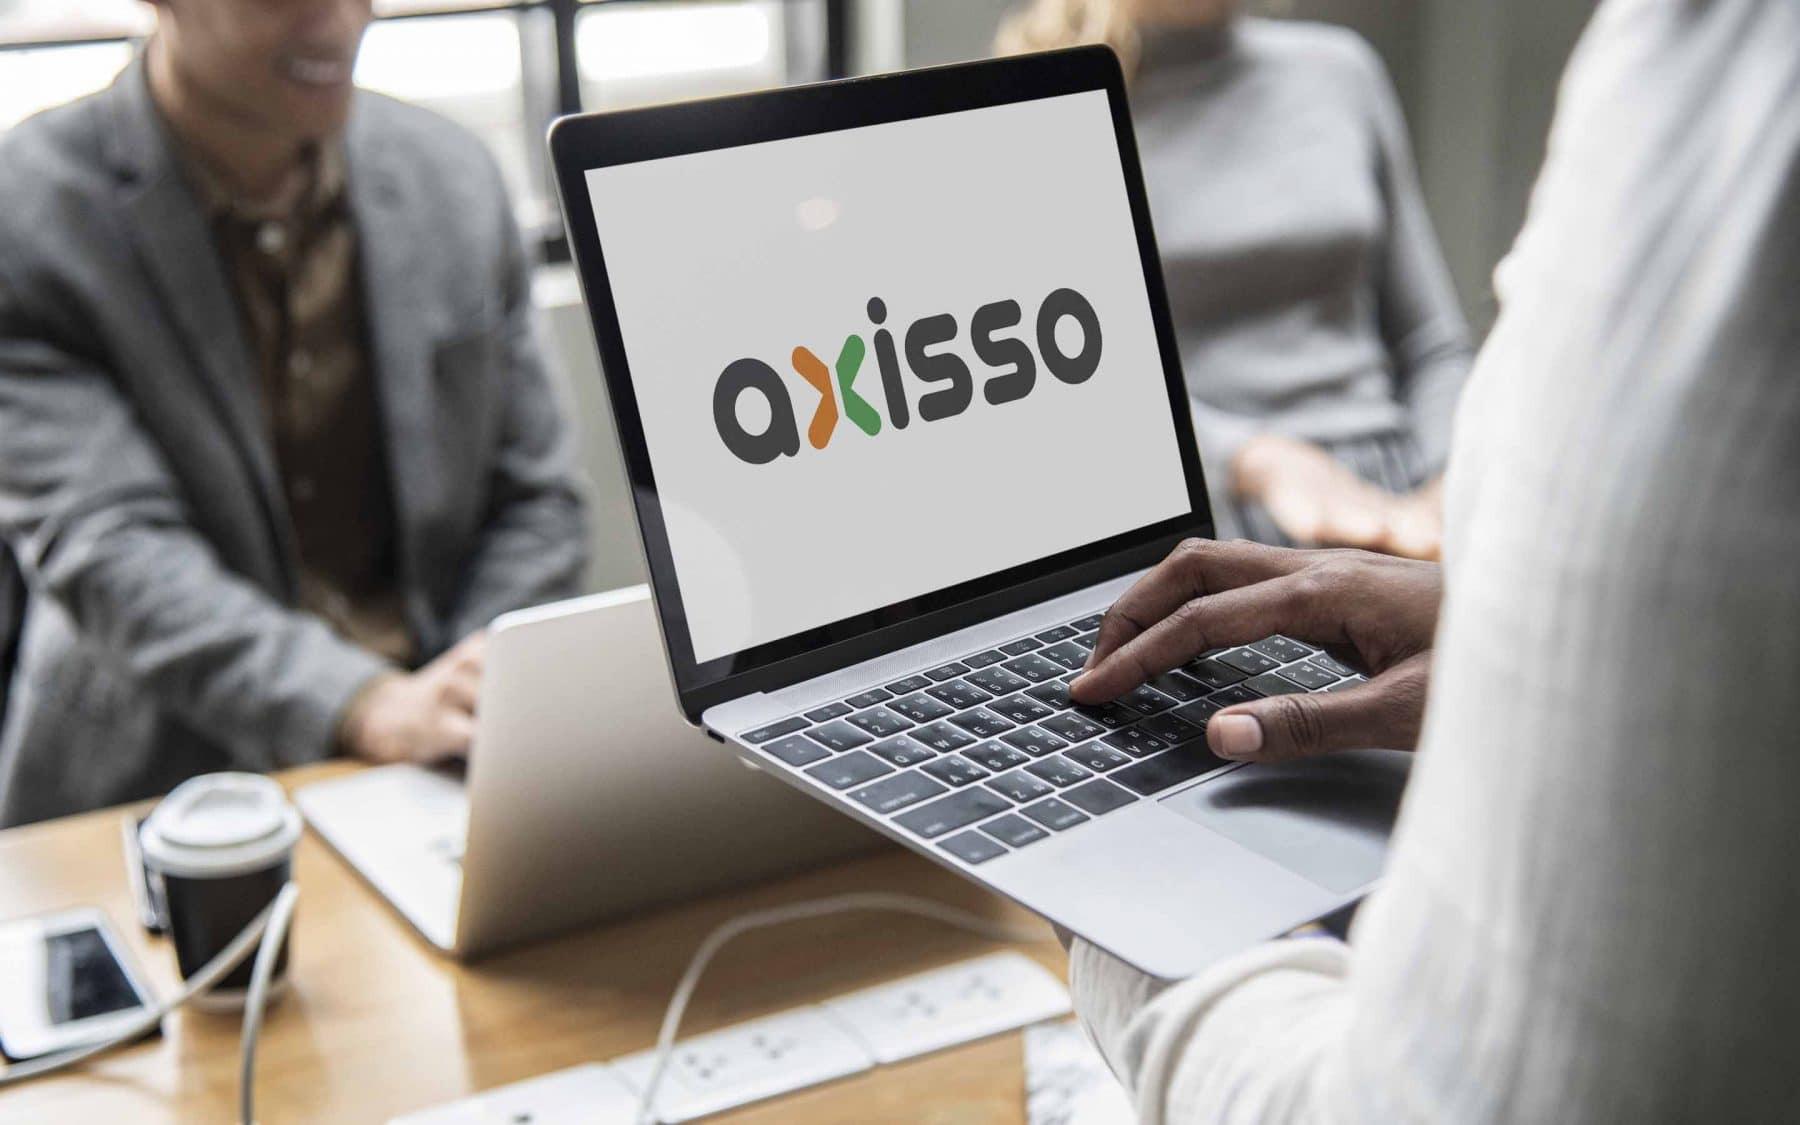 Axisso 2